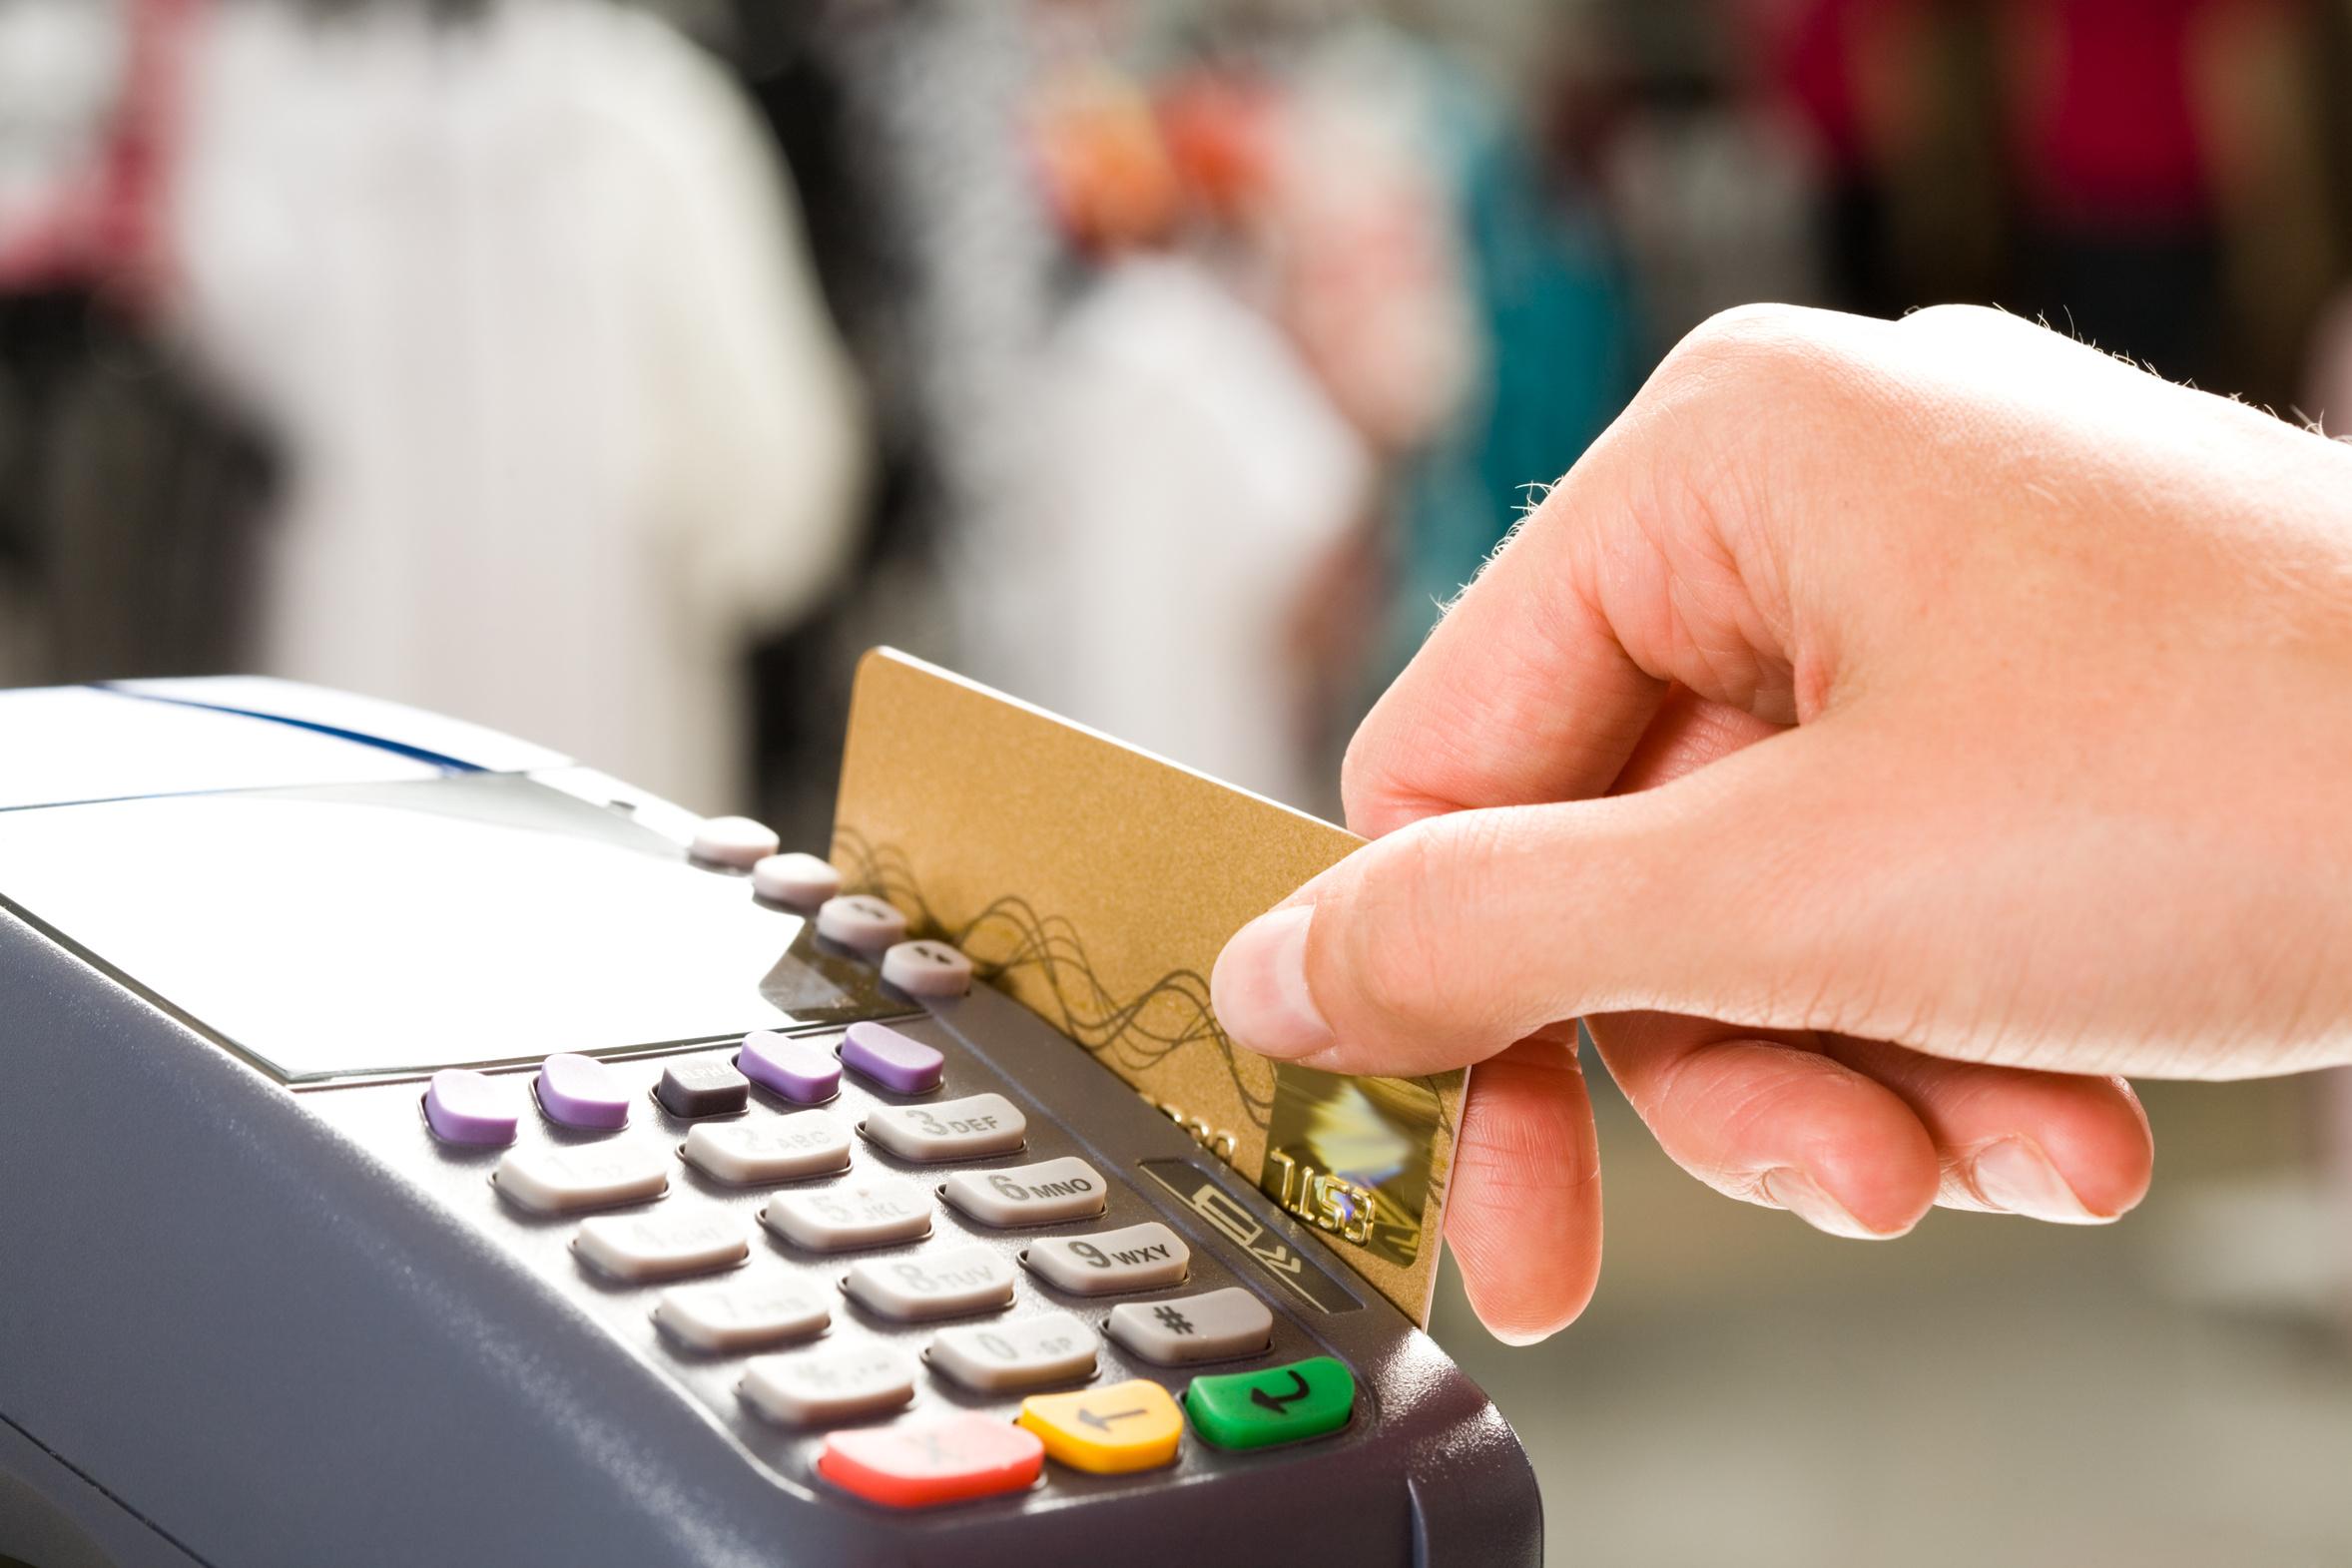 บัตรเครดิตธนาคารกรุงเทพ (BBL)